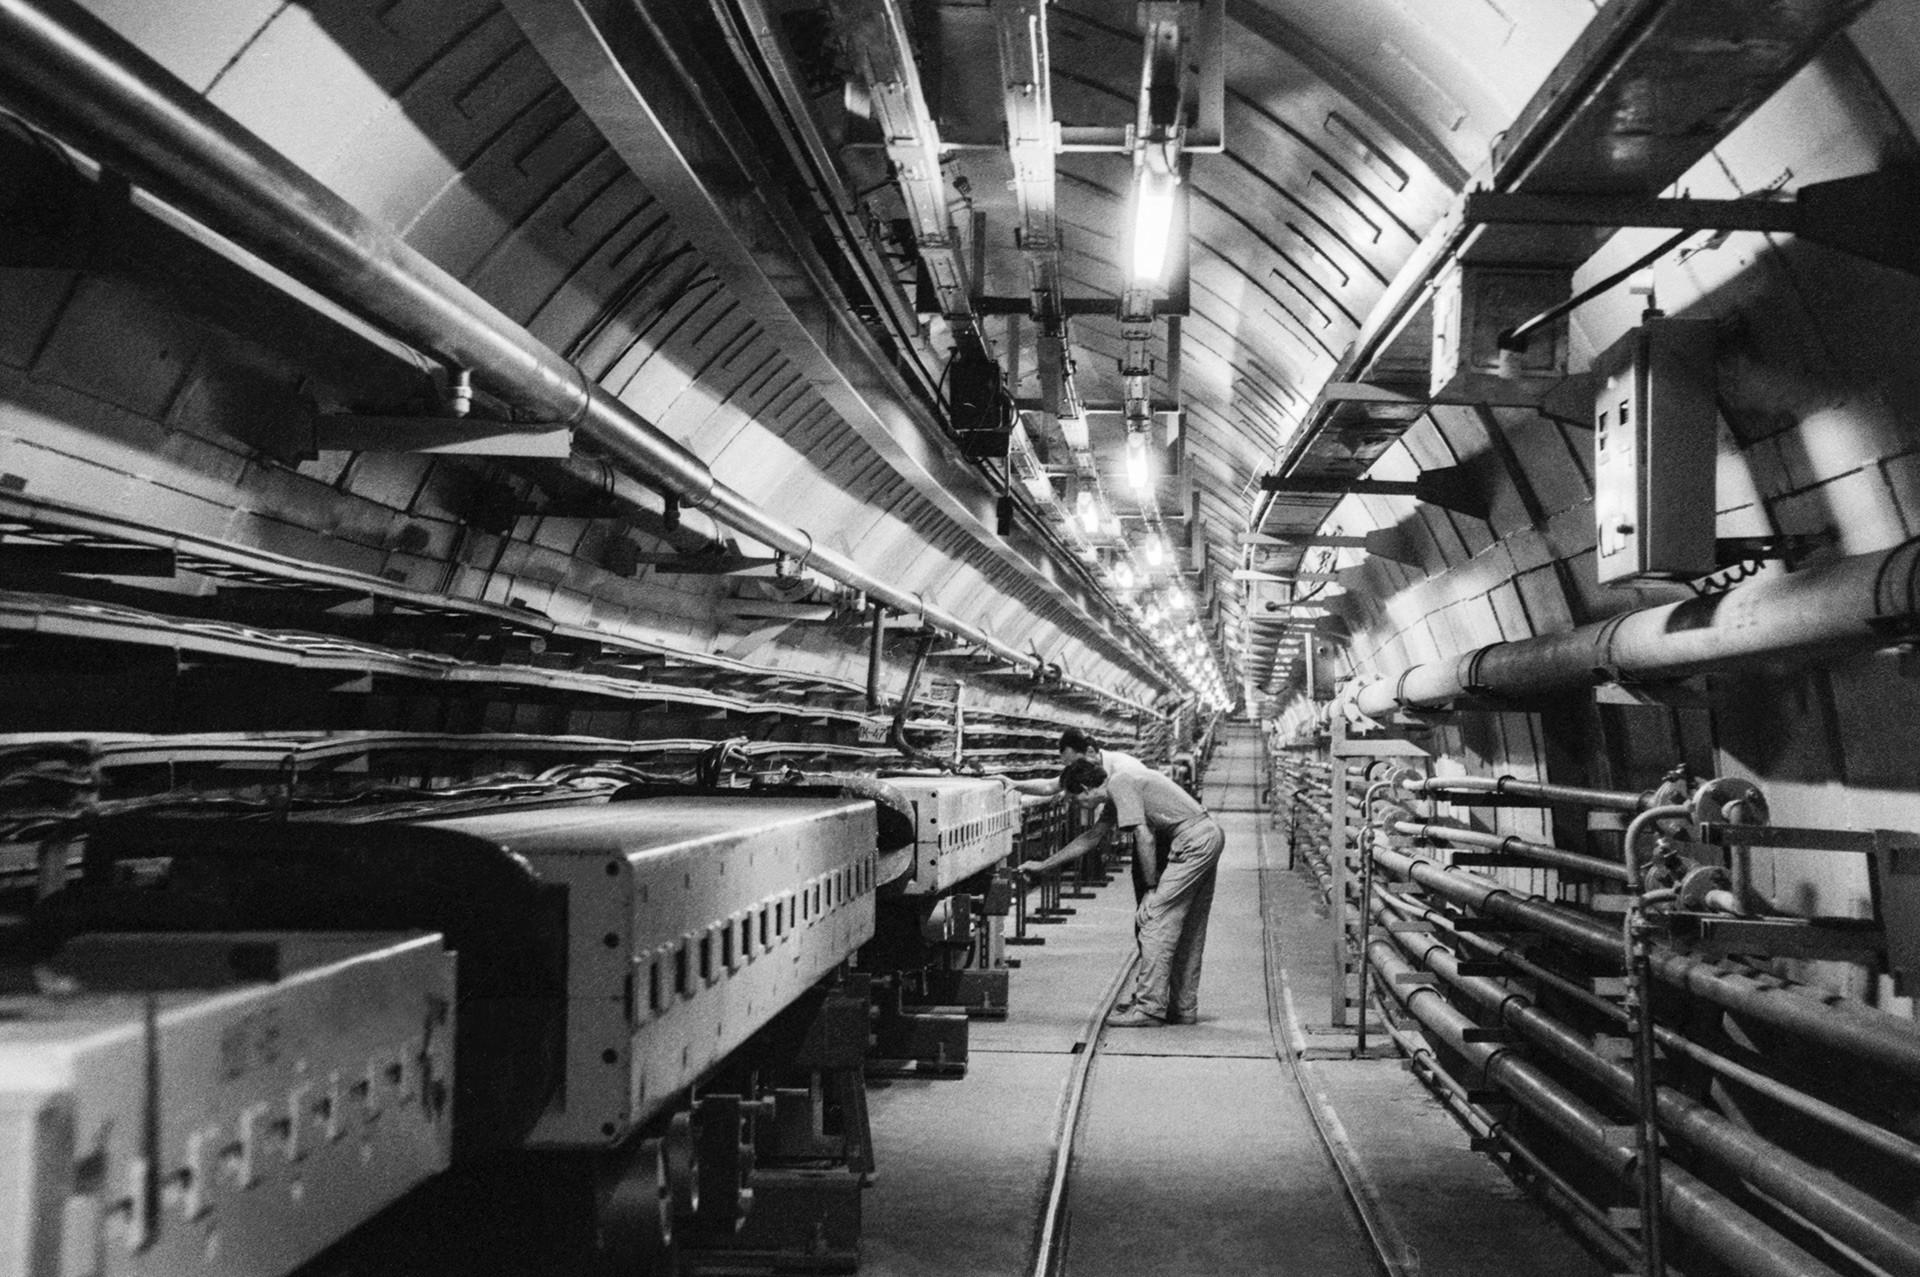 Институт за физику високих енергија у Протвину, Московска област. Руковање магнетима у систему за убрзавање честица.